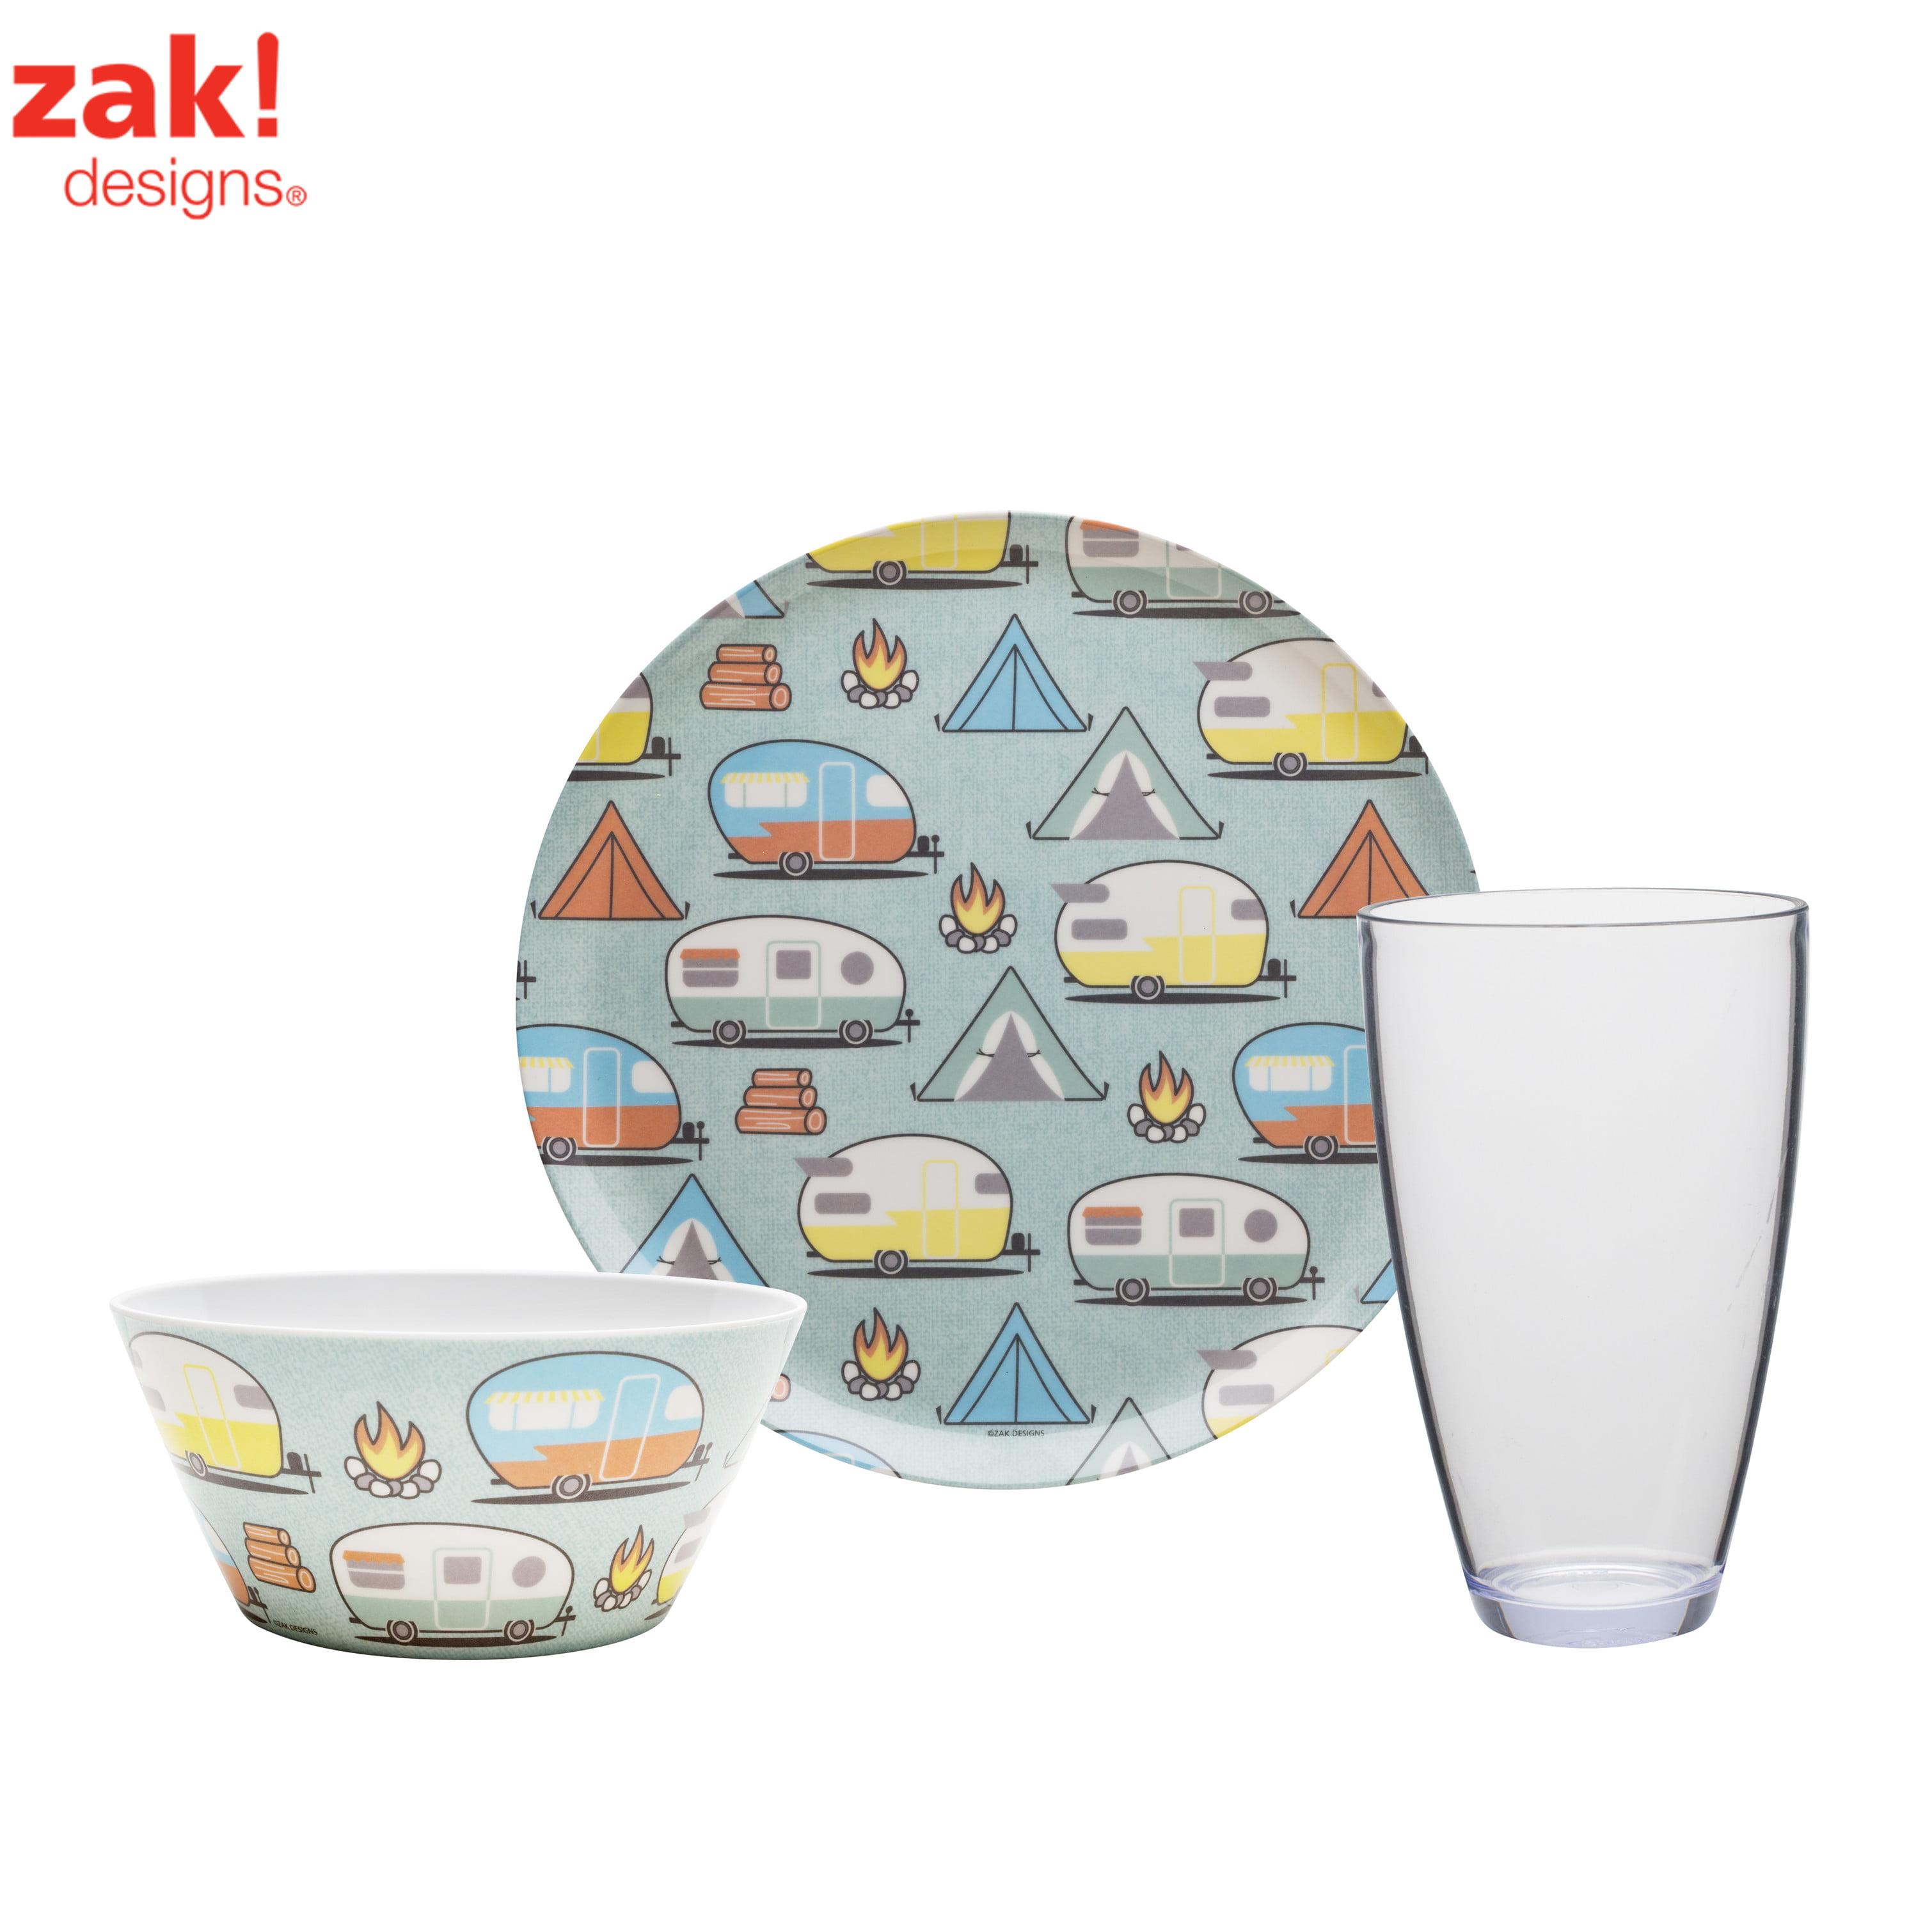 Zak Designs Adventurer Plates, Bowls & Tumblers Tents & Trailers , 12-piece set